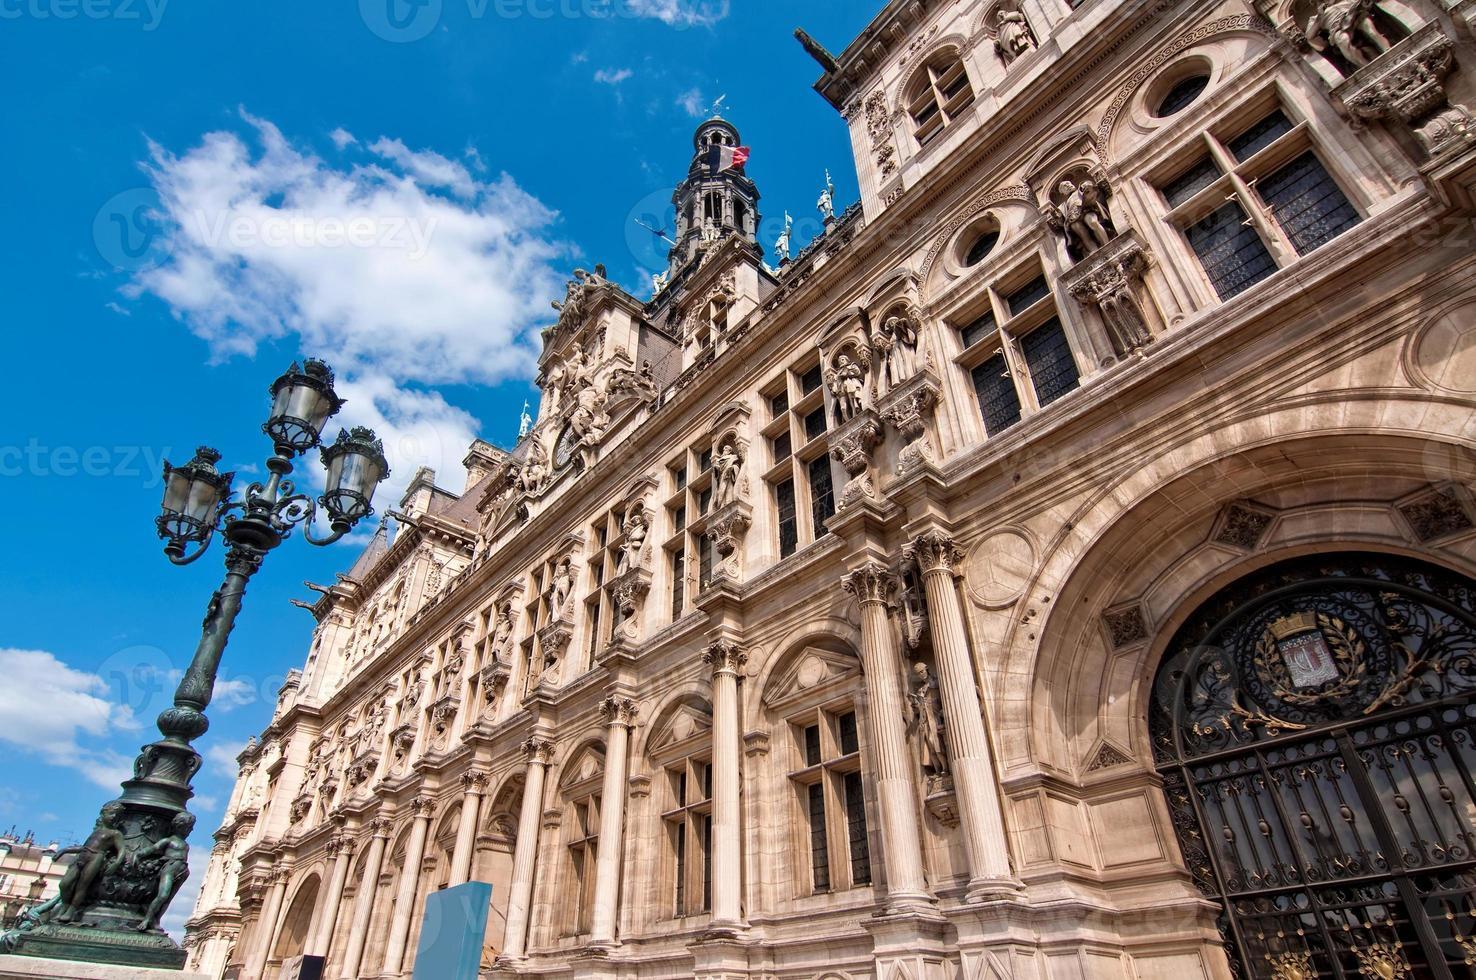 l'hotel de ville (hôtel de ville) de paris, france photo